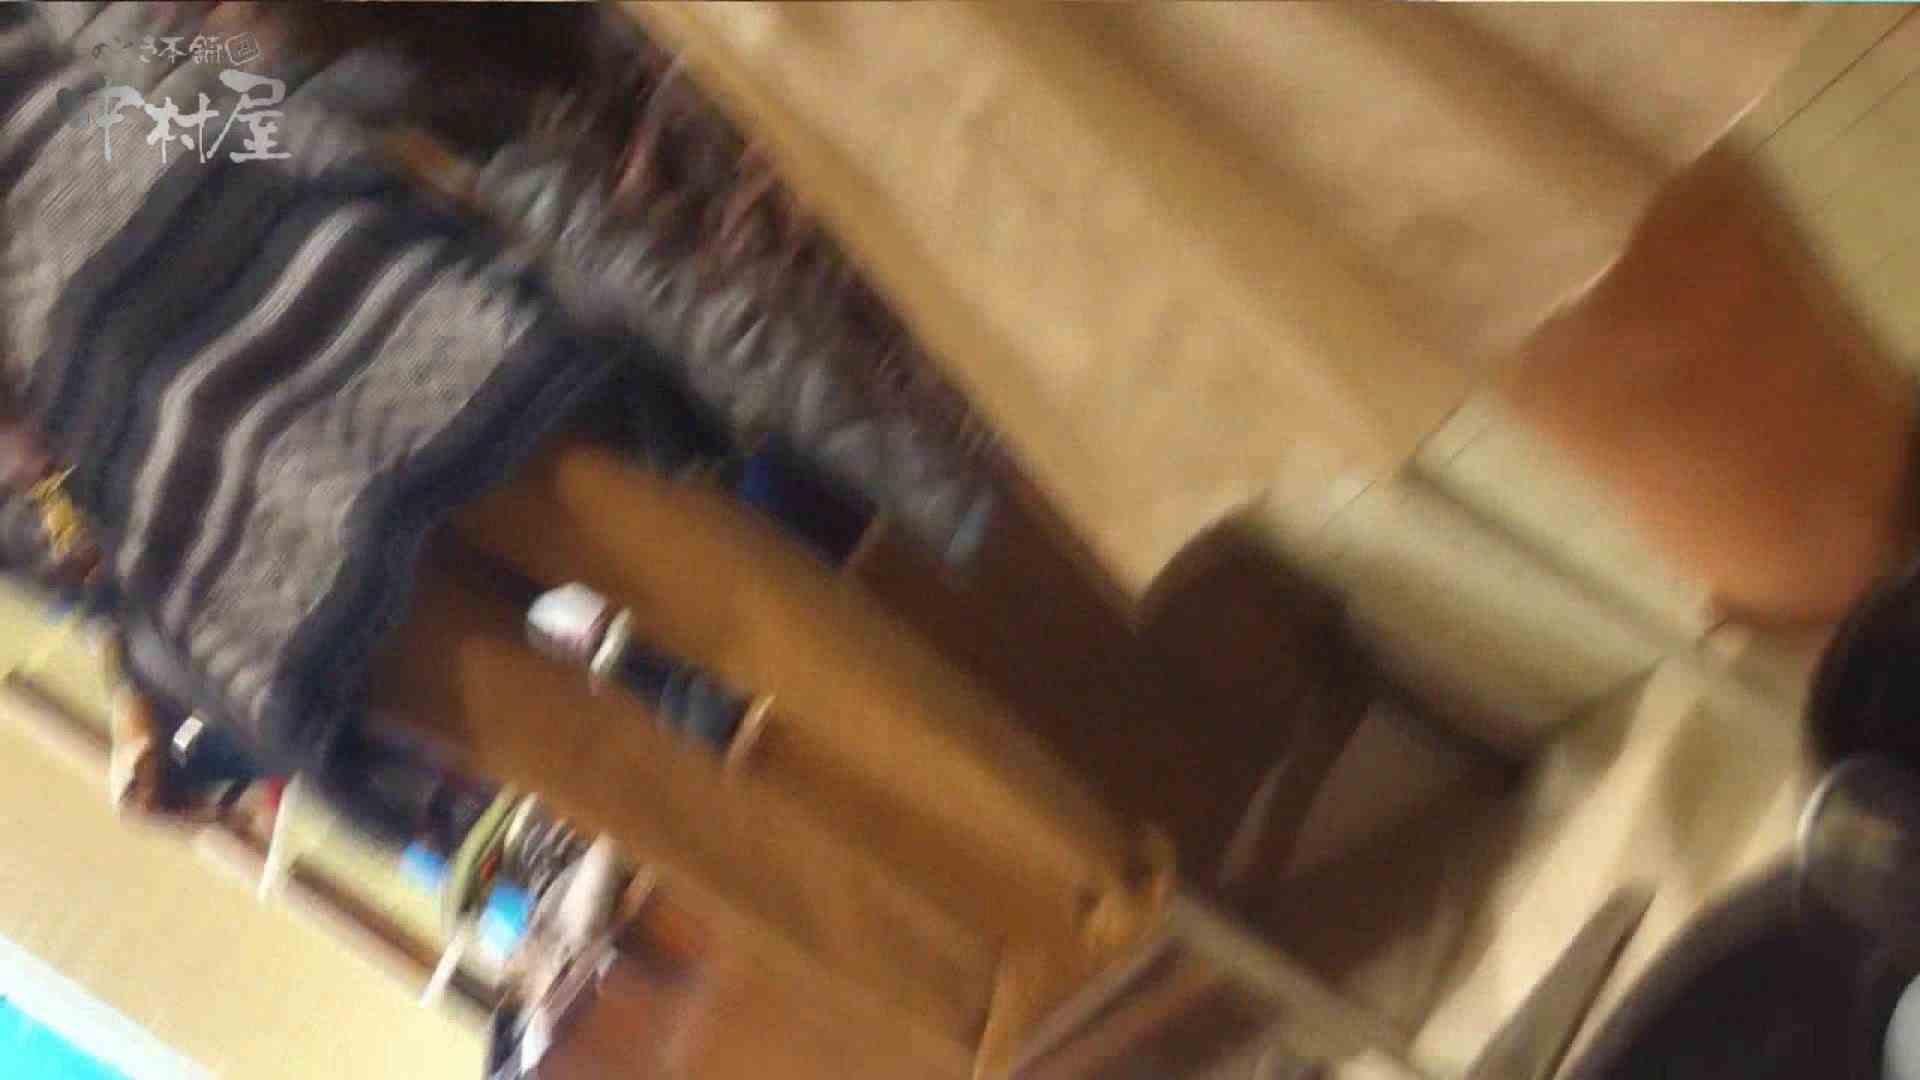 vol.74 美人アパレル胸チラ&パンチラ ブカブカセーターあざっす! チラ AV無料動画キャプチャ 93PIX 2